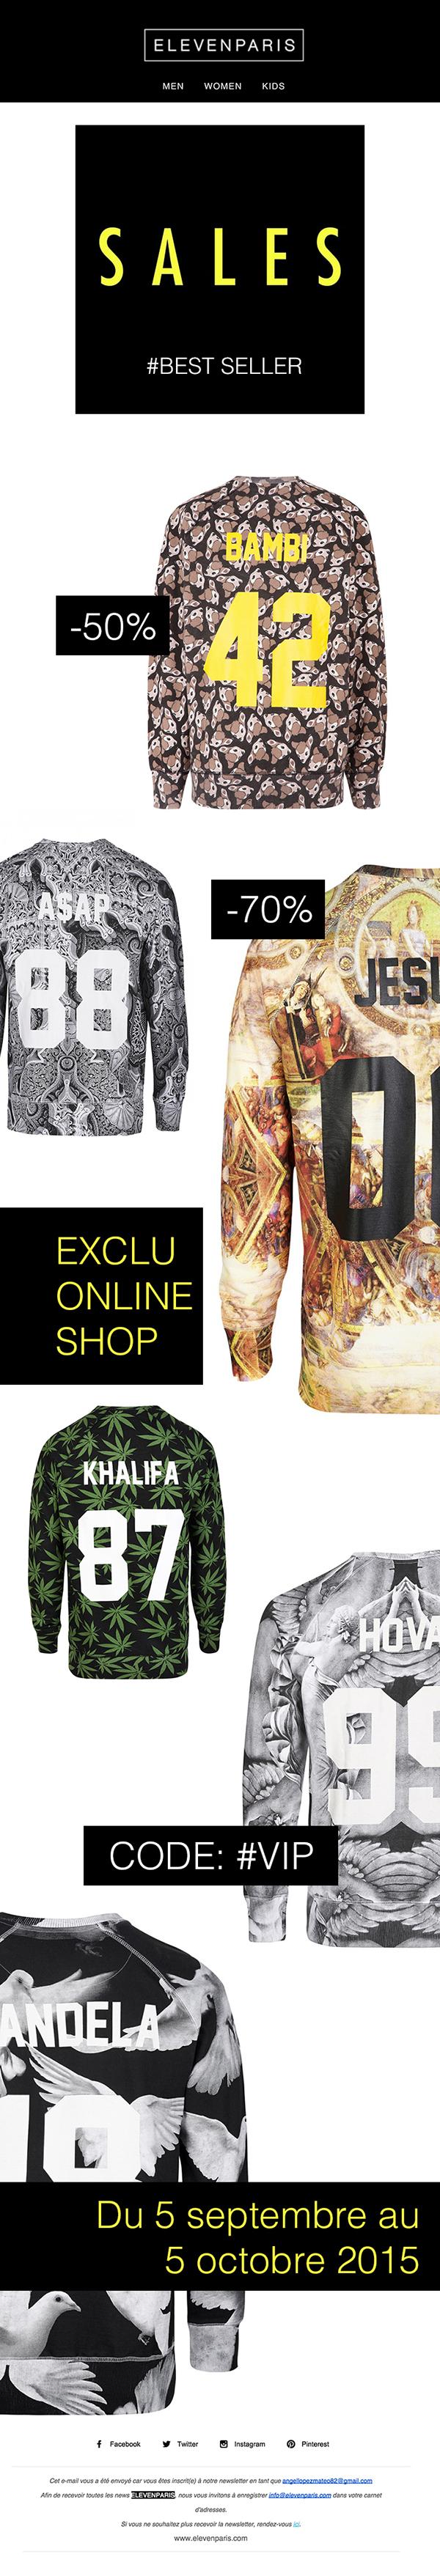 angellopez newsletter Mode Cloes Elevenparis streetwear